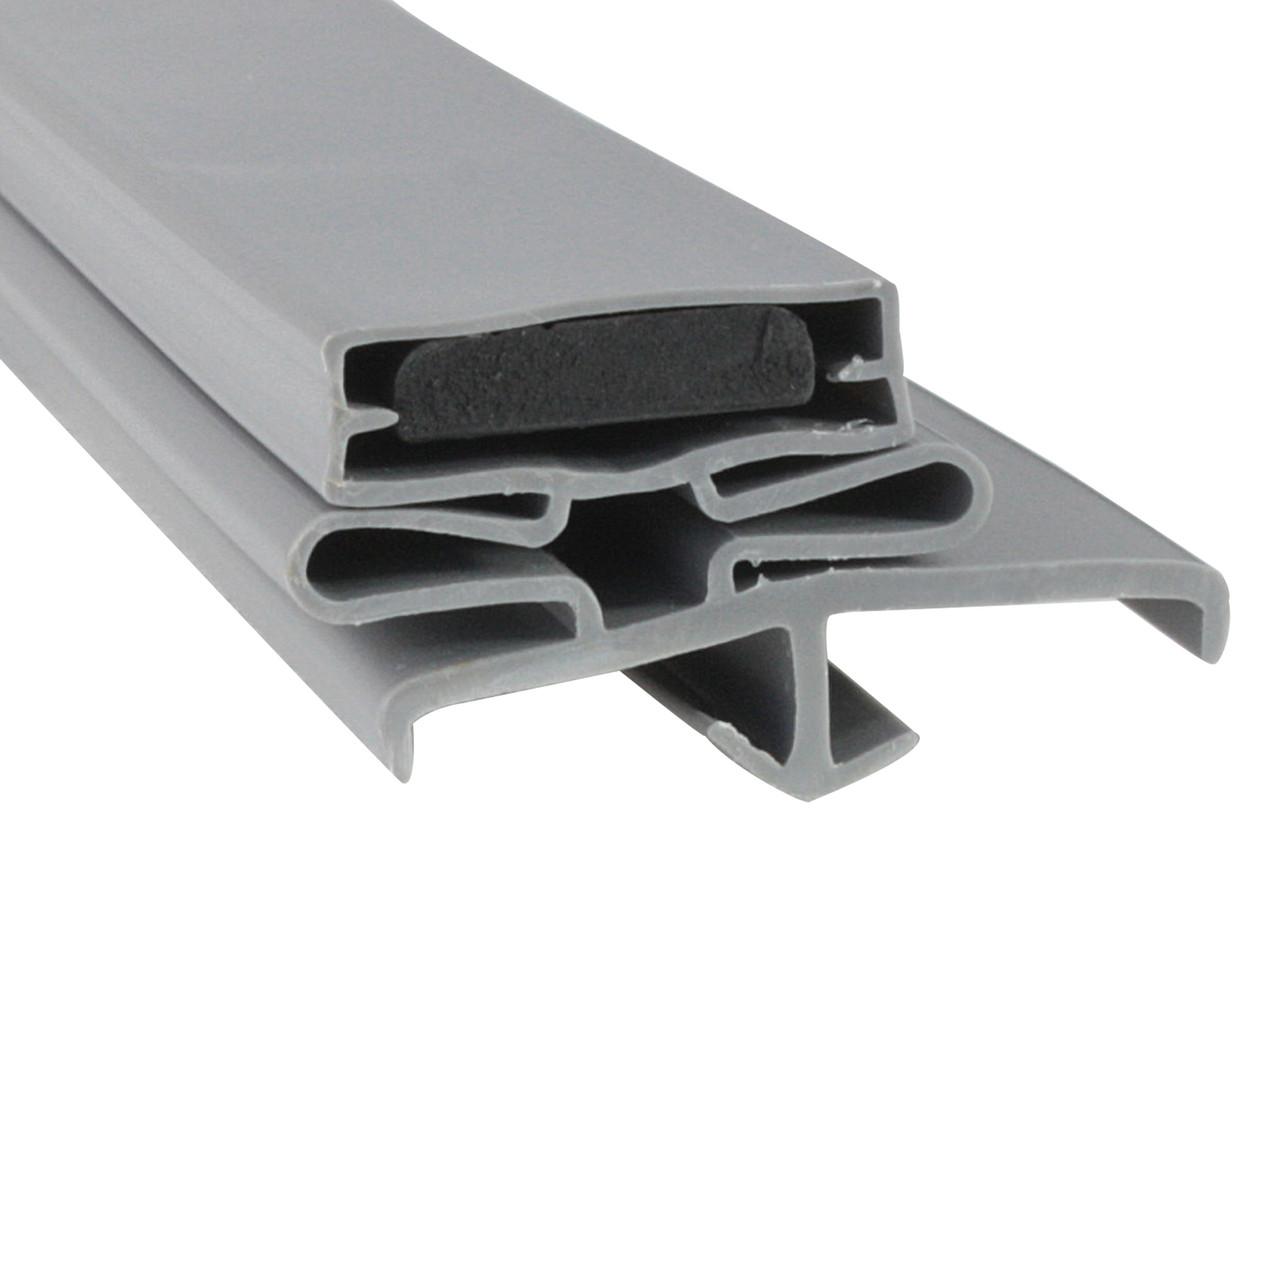 Kairak Door Gasket Profile 168 21 5/8 x 24 3/8 -1